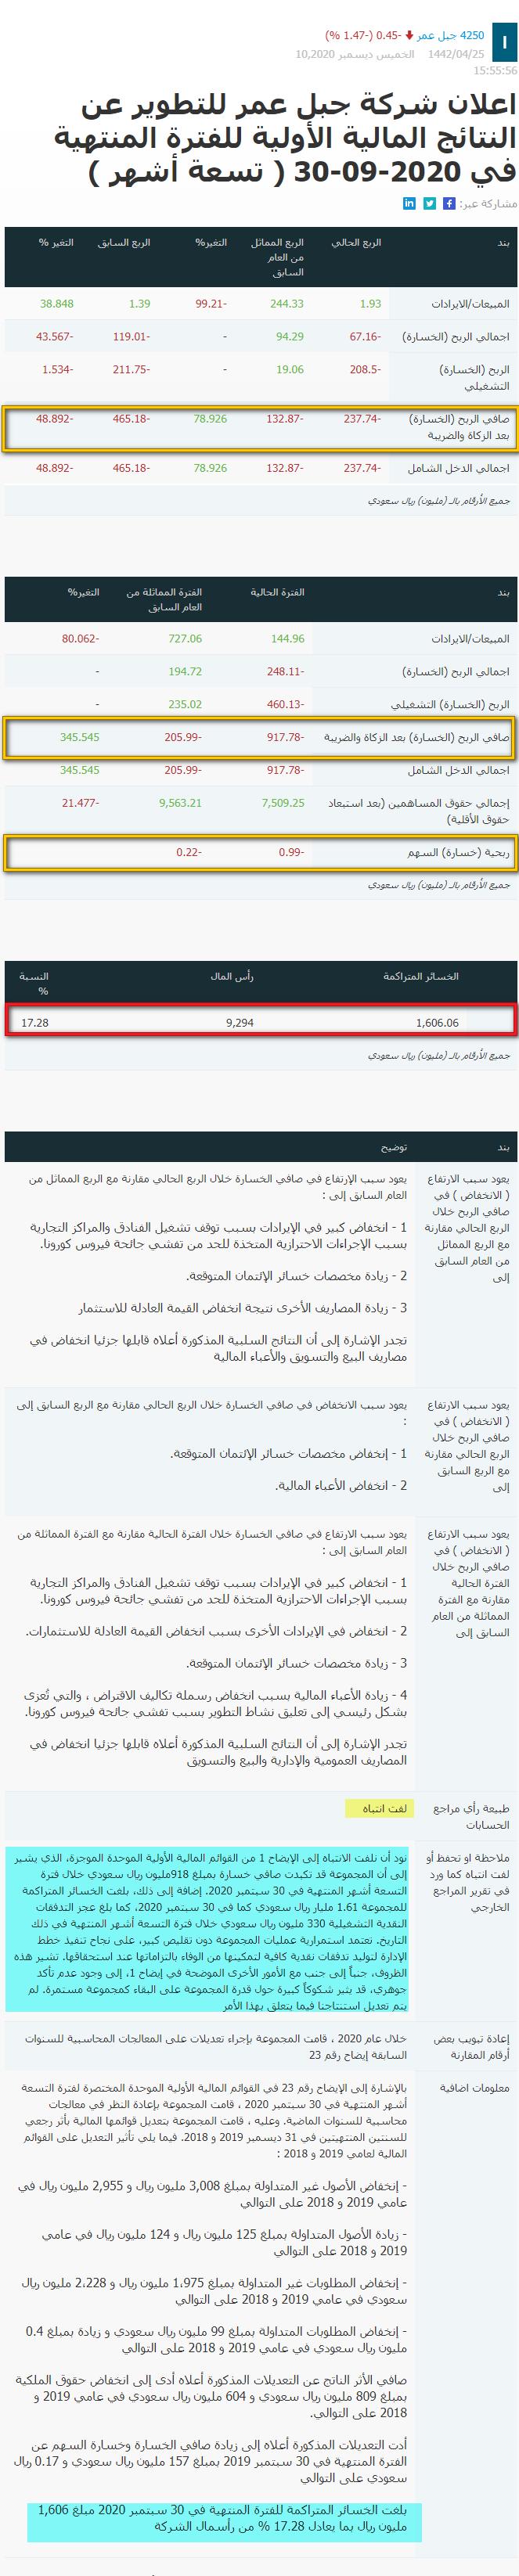 رد: ملاك جبل عمر غدا تنتهي مهلة اعلان الربع الثالث(20 جلسة)